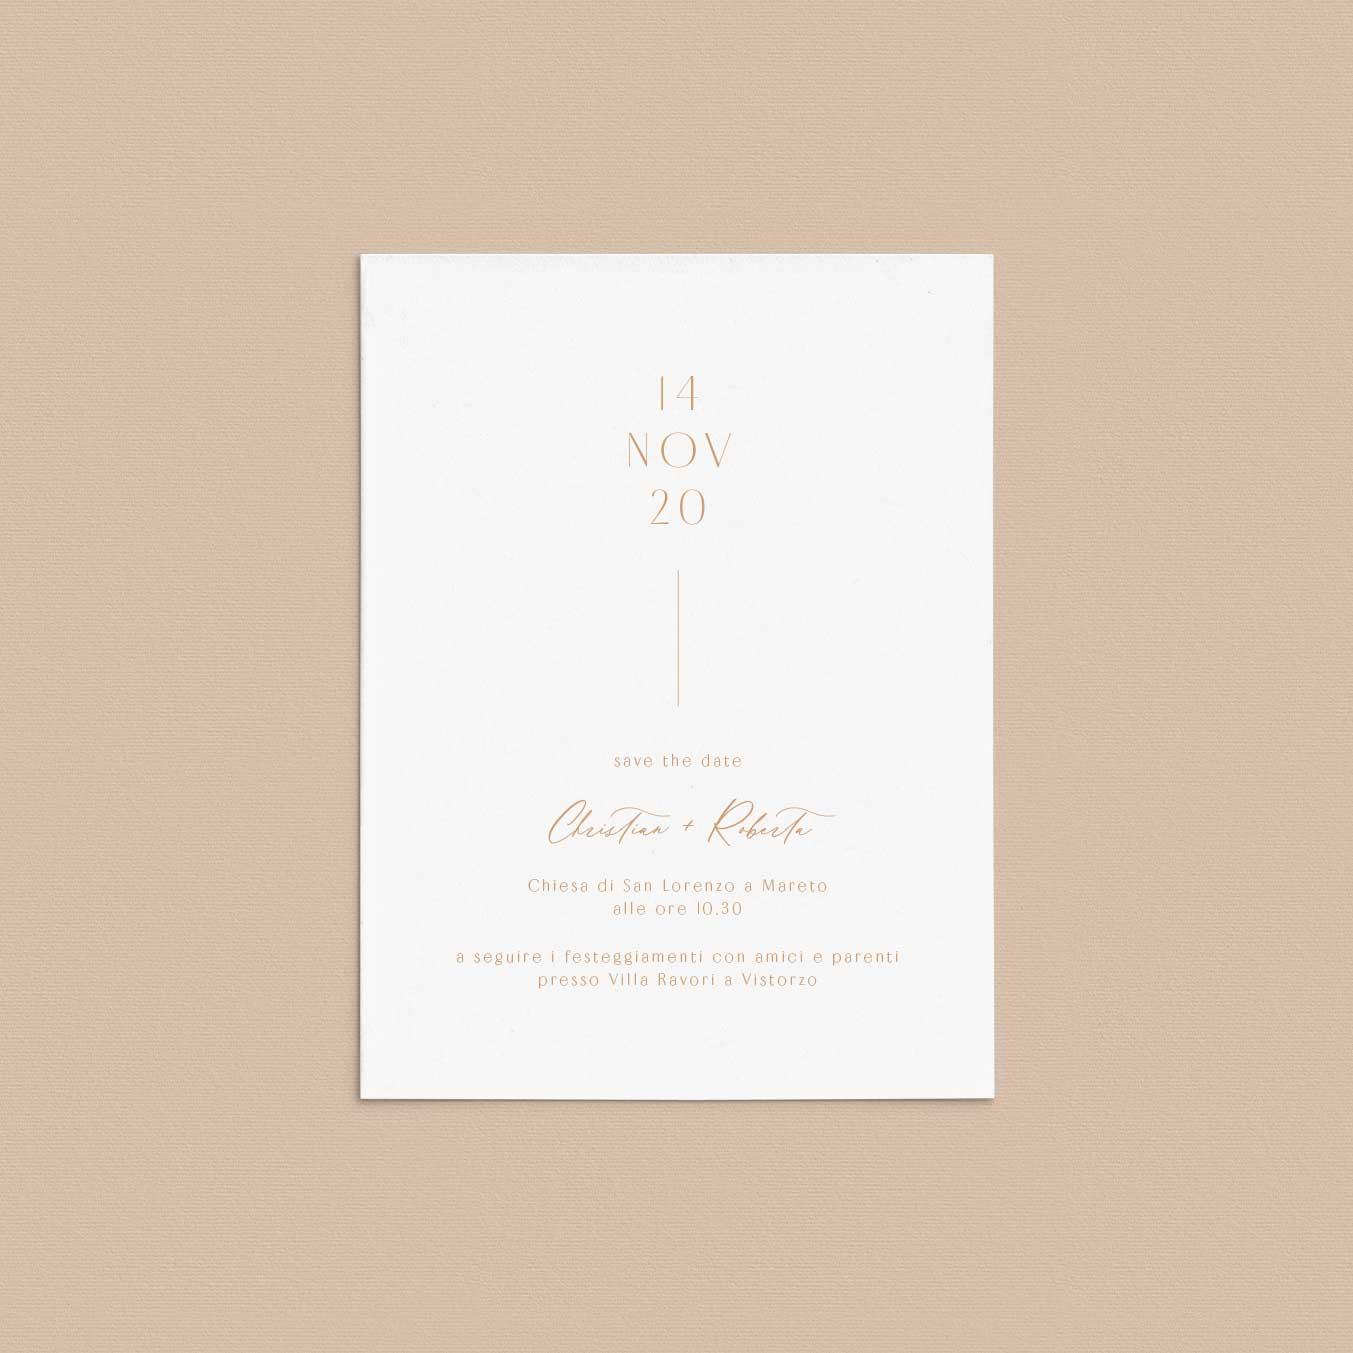 Inviti-Partecipazioni-Matrimonio-nozze-wedding-invitation-classic-line-linea-moderne-semplici-essenziali-idee-esempi-modelli-catalogo-eleganti